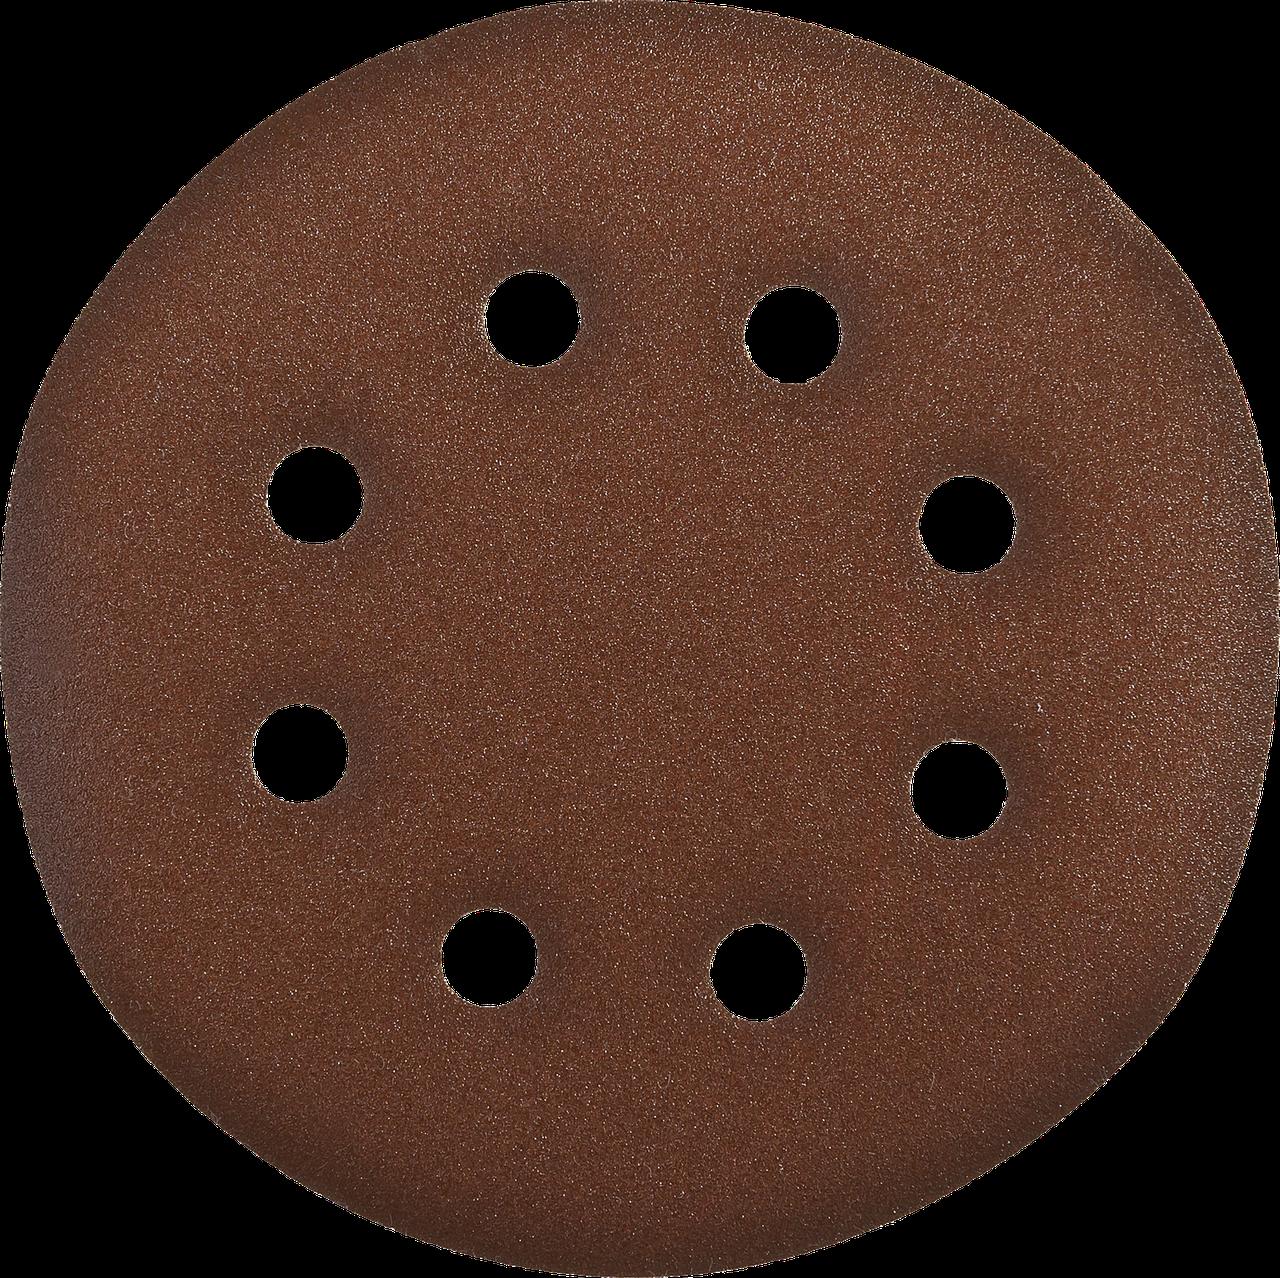 Круг шлифовальный из абразивной бумаги, ЗУБР Стандарт 35350-150-040, на велкро основе, 6 отв., Р40, 150мм, 5шт